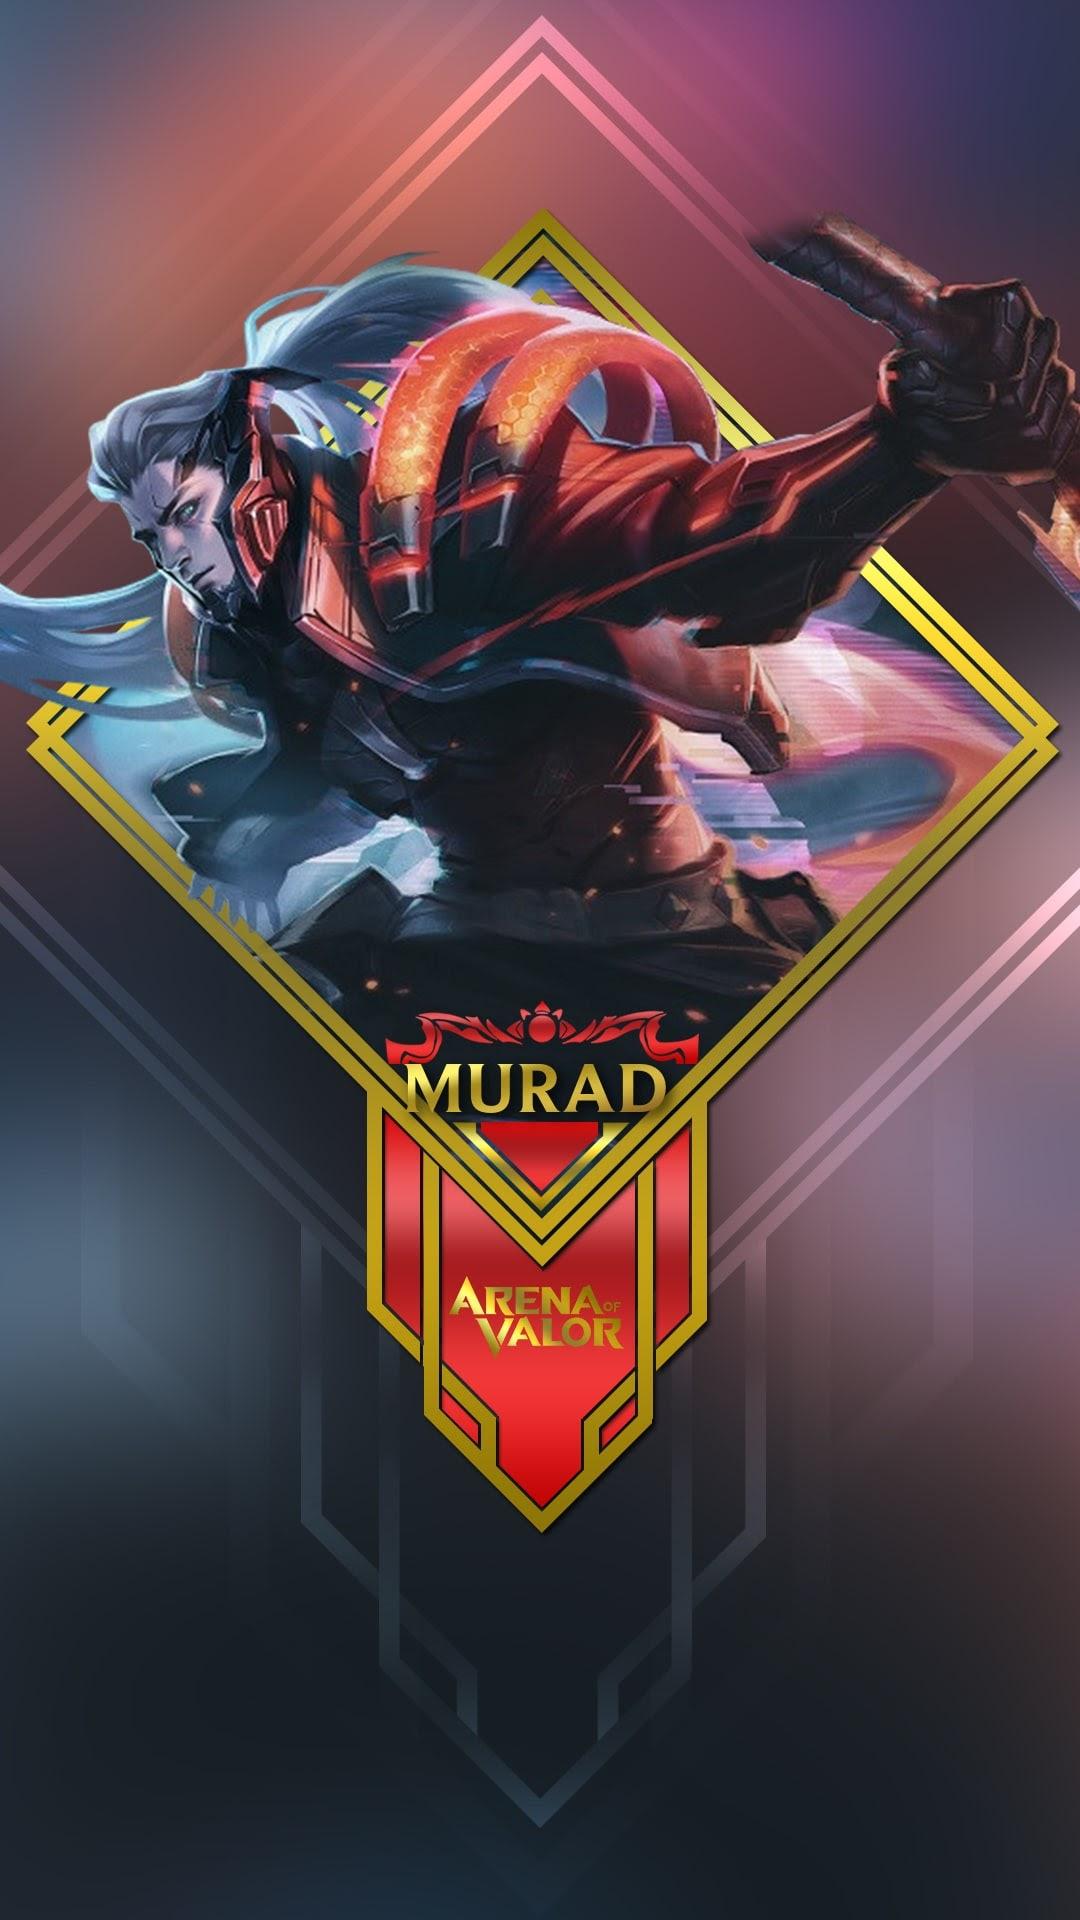 Hình nền liên quân Mobile cho điện thoại - Tướng Murad